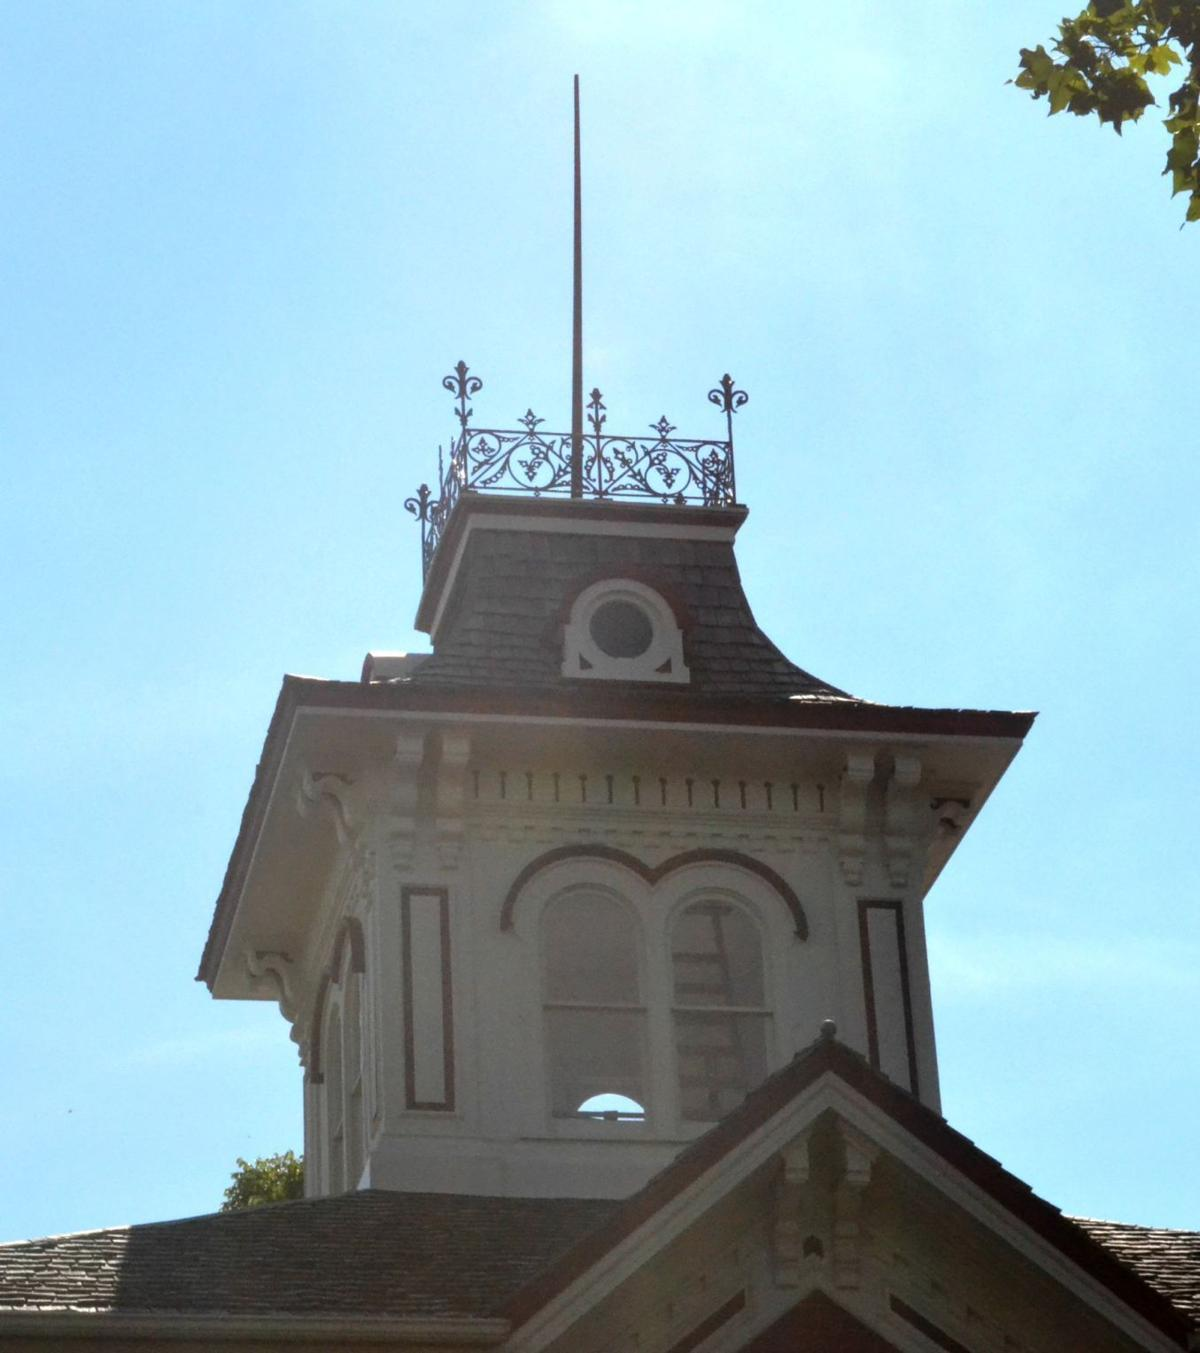 Cook-Rutledge belvedere